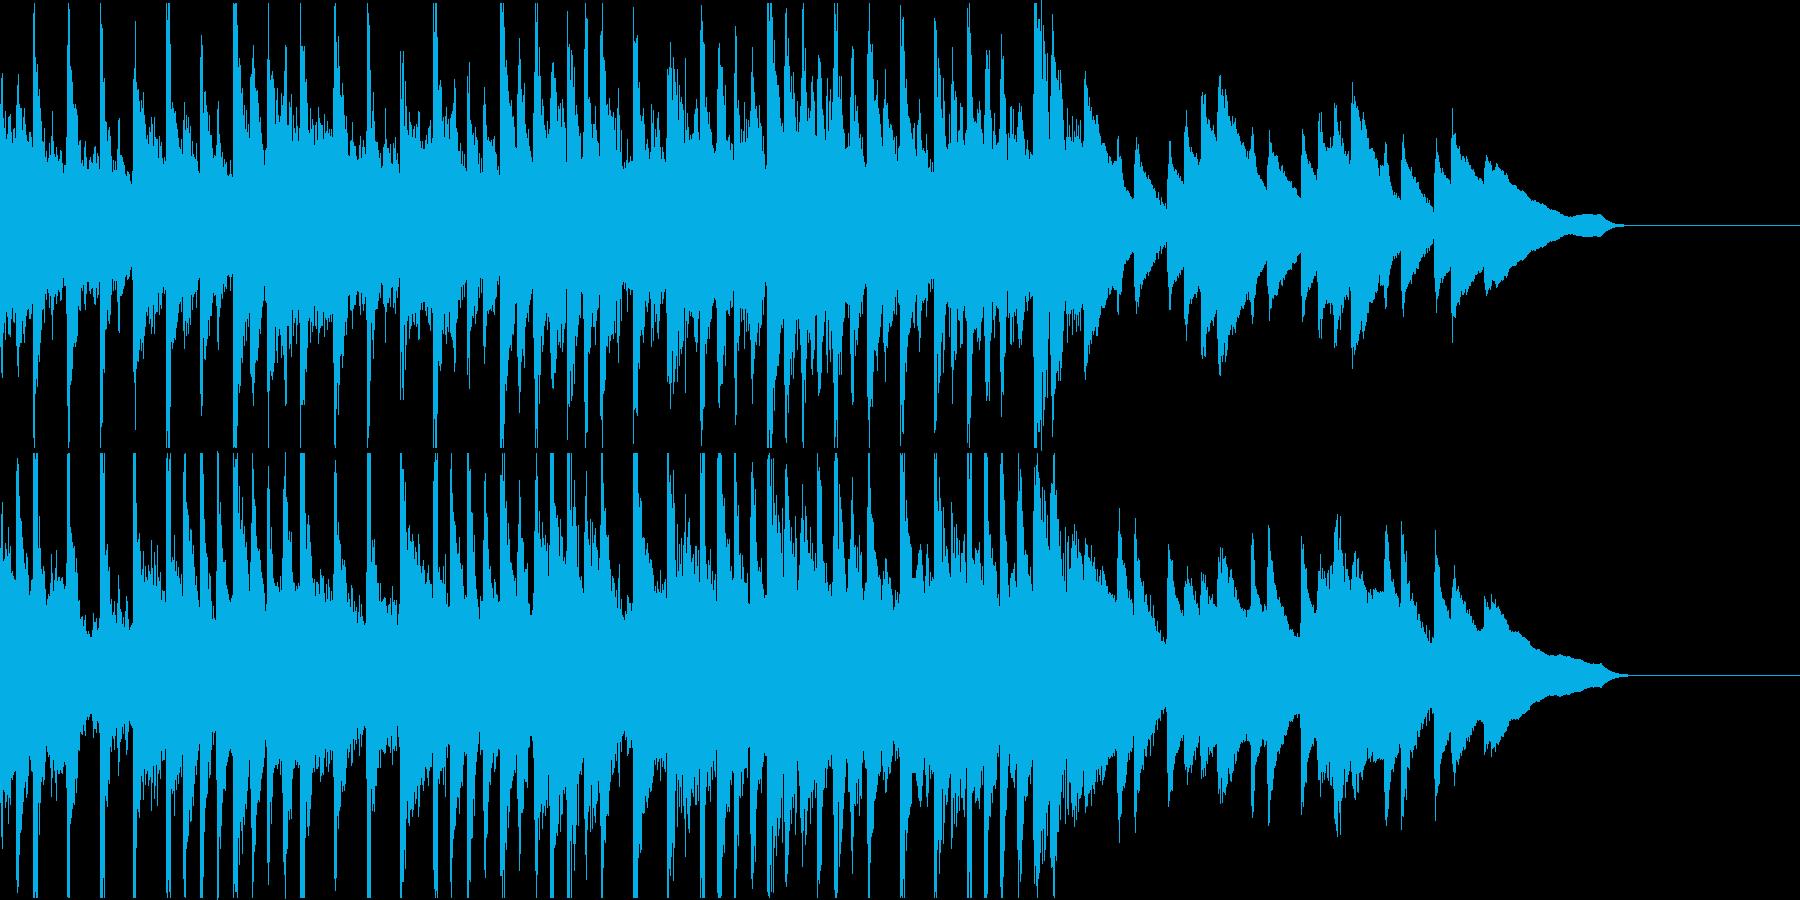 【爽やか】ポジティブで美しい軽快なピアノの再生済みの波形